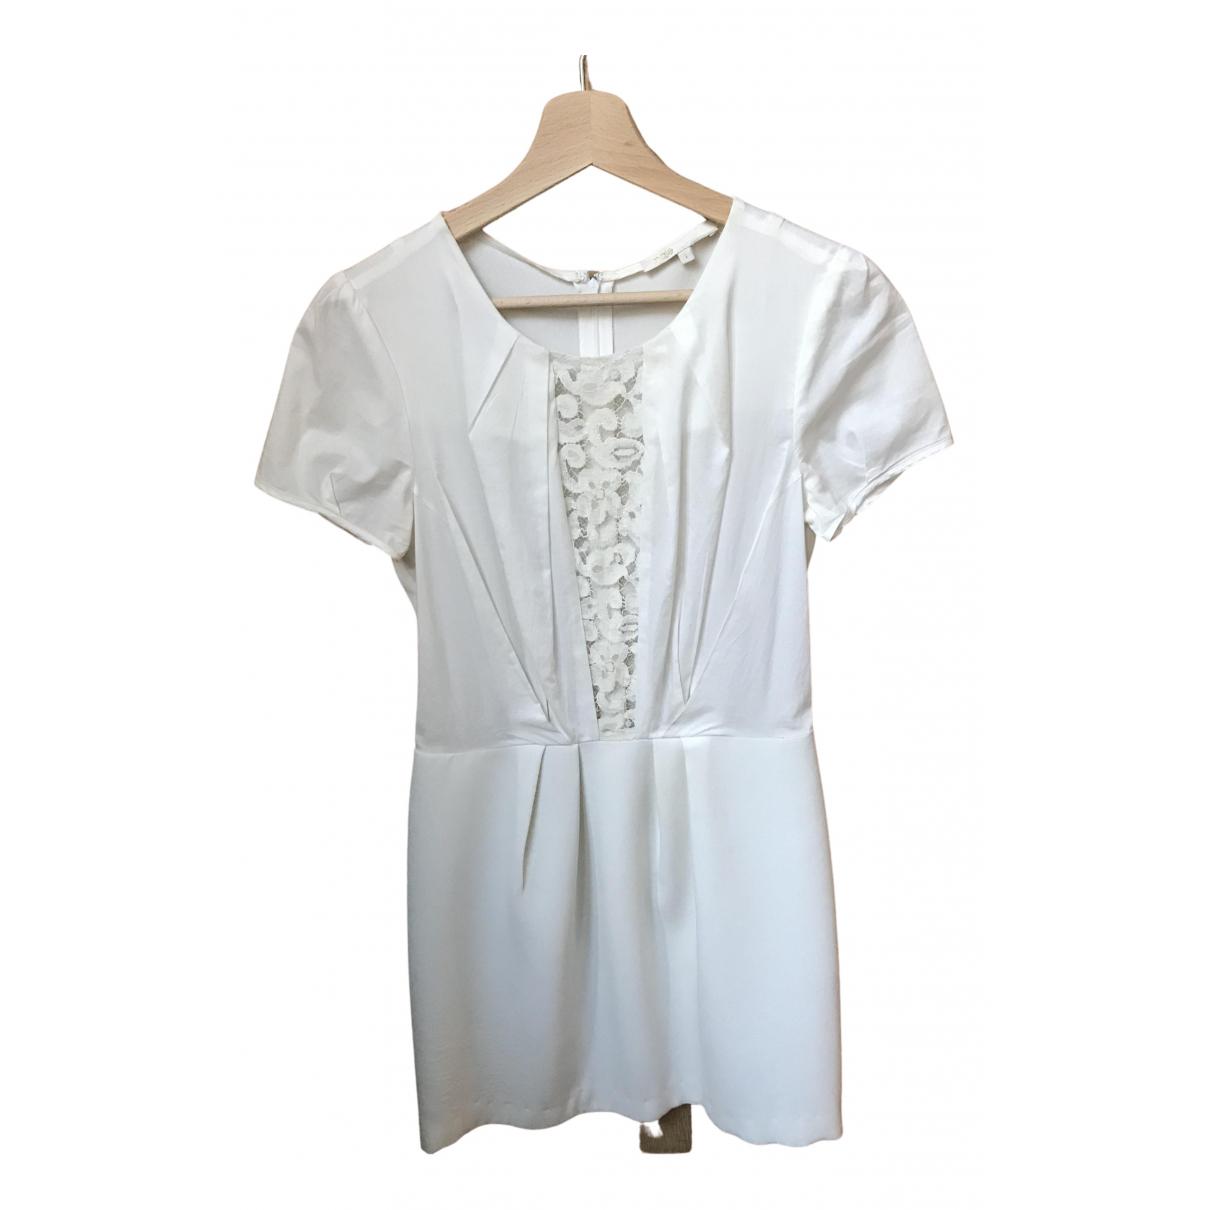 Maje Spring Summer 2019 White Cotton dress for Women 36 FR